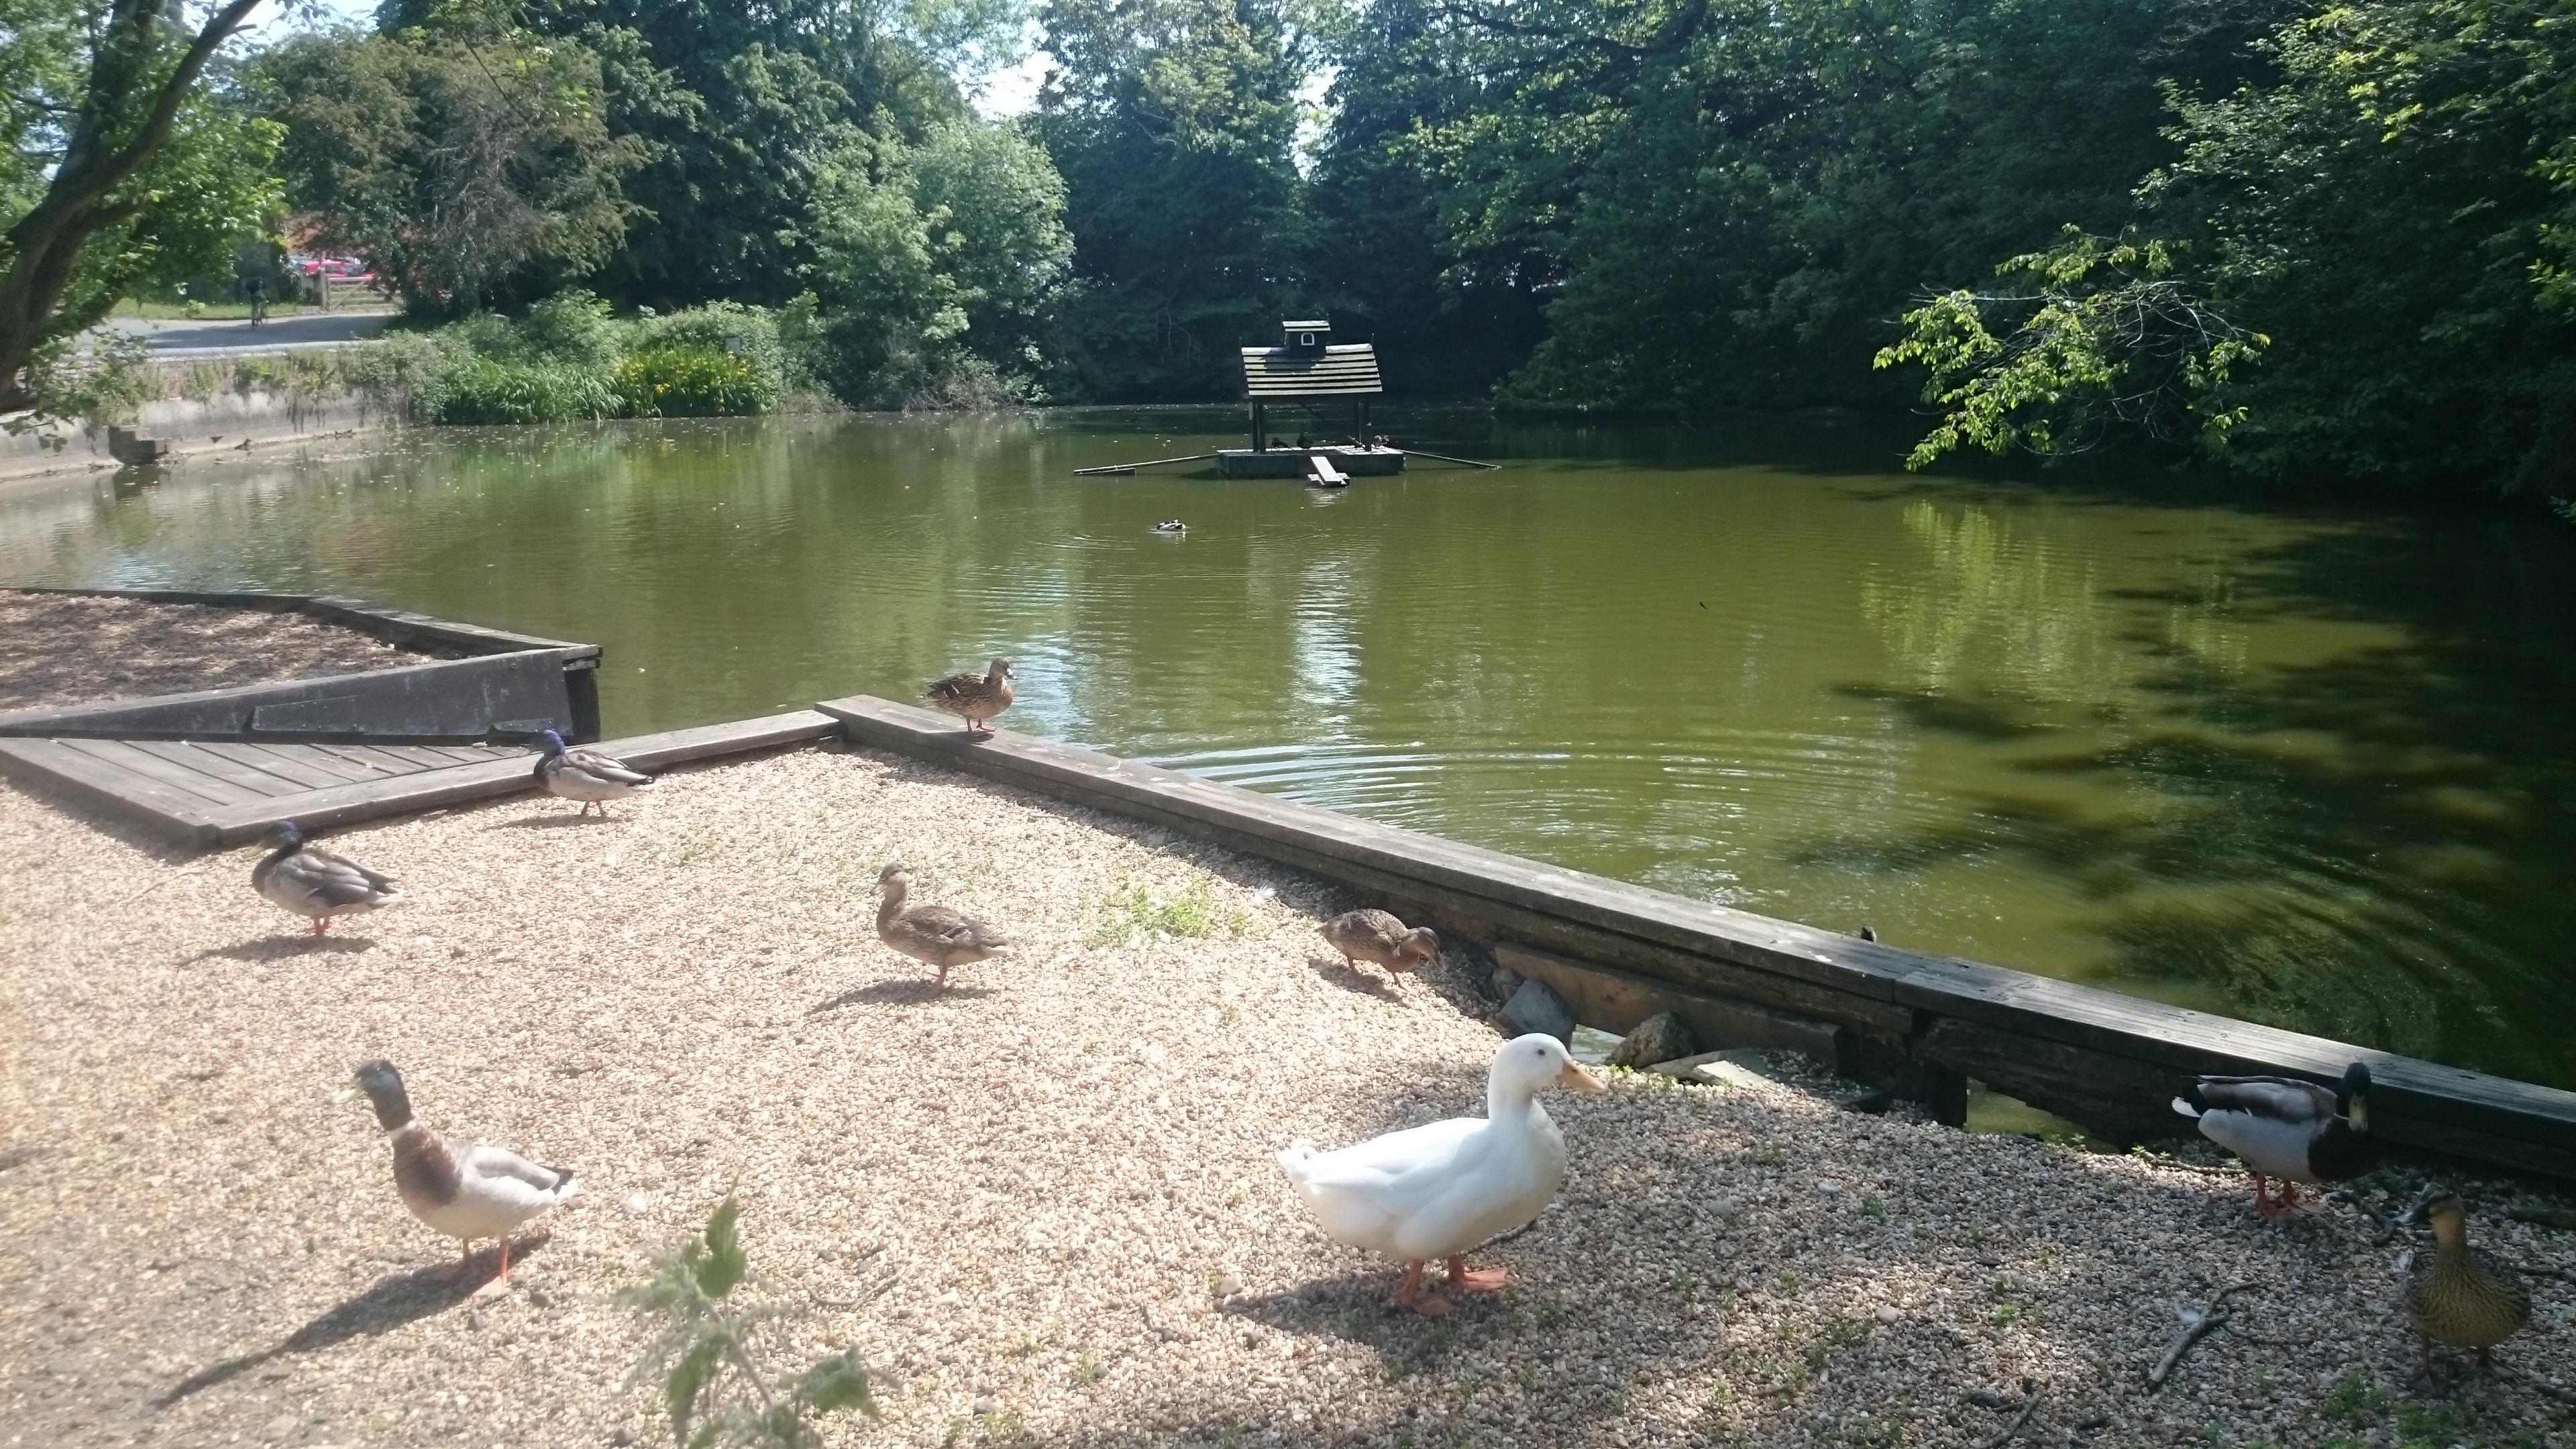 duckingham_palace_(c)_wendy_thomson